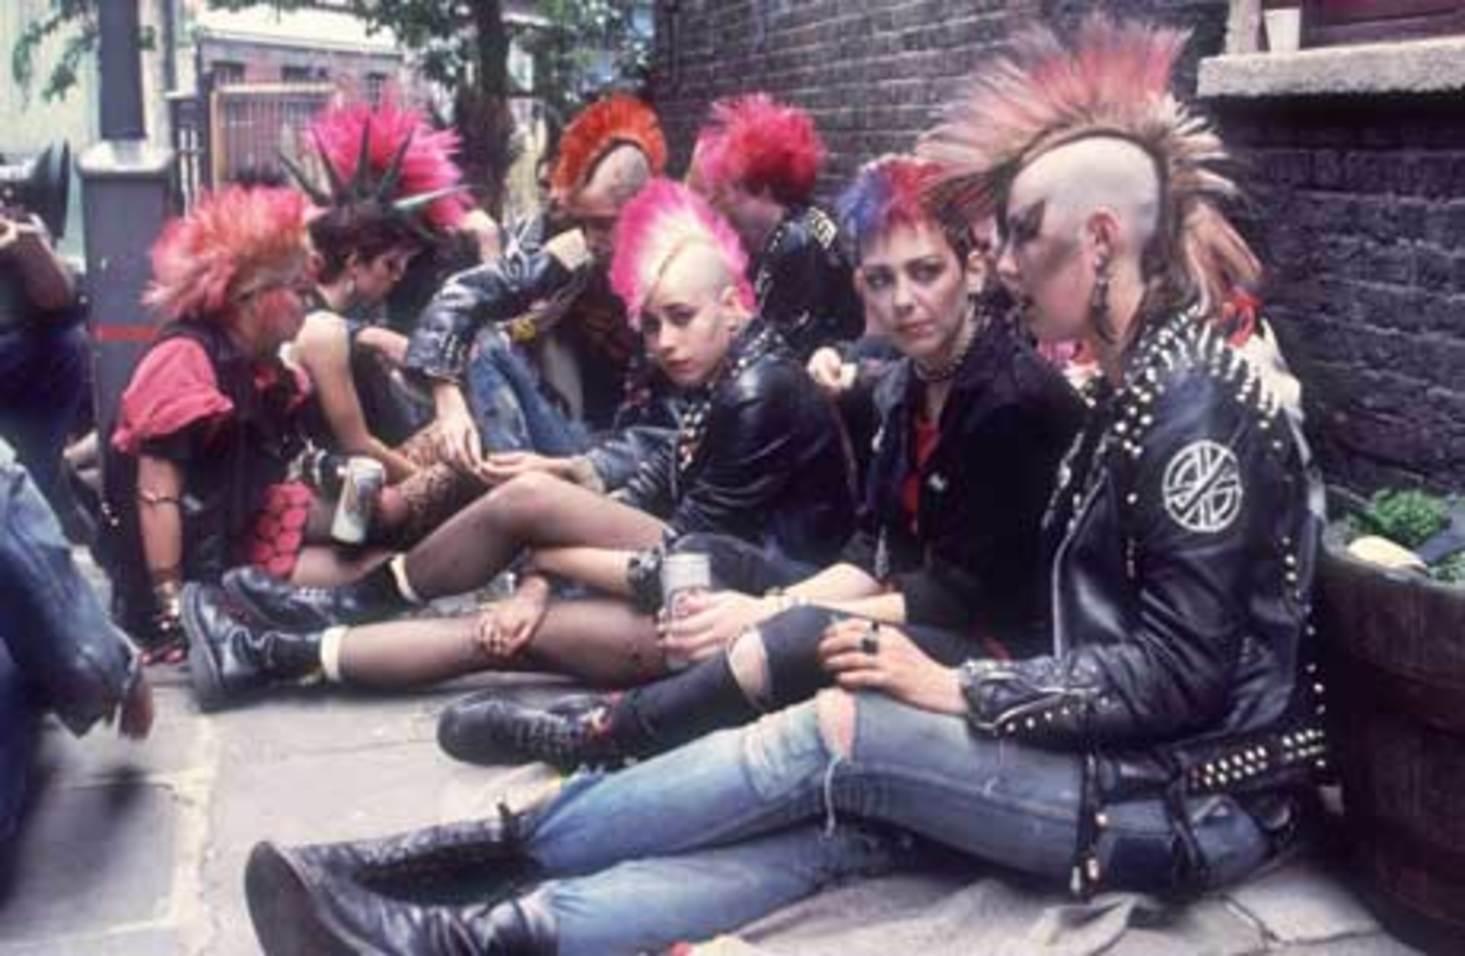 punks-anos-1980-autor-desconhecido